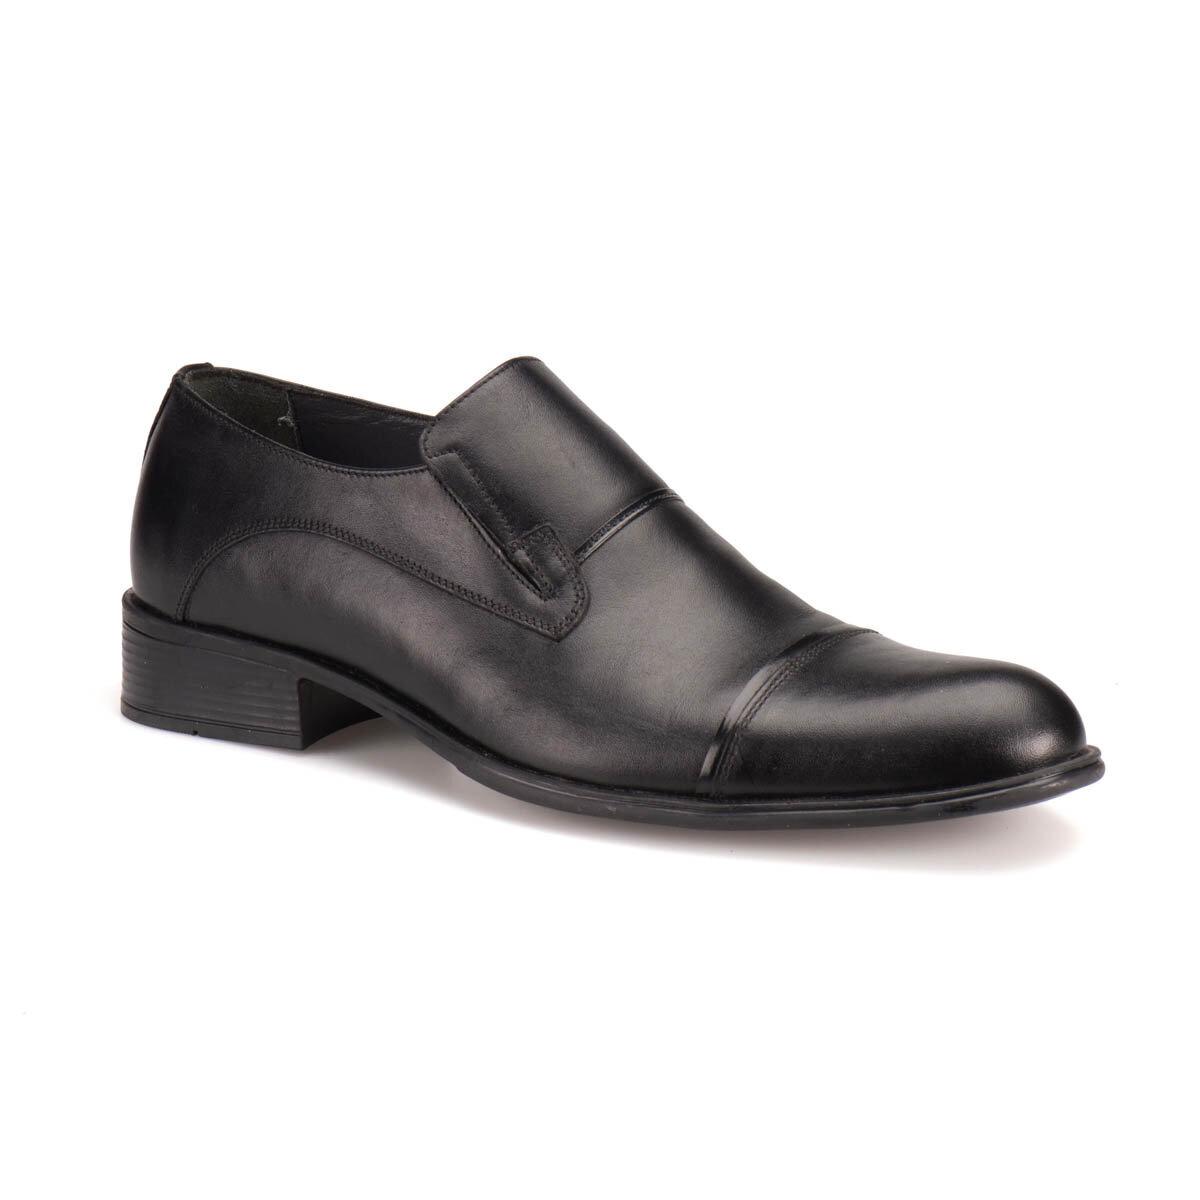 SIYAH Erkek Klasik Ayakkabı 755 M 1492